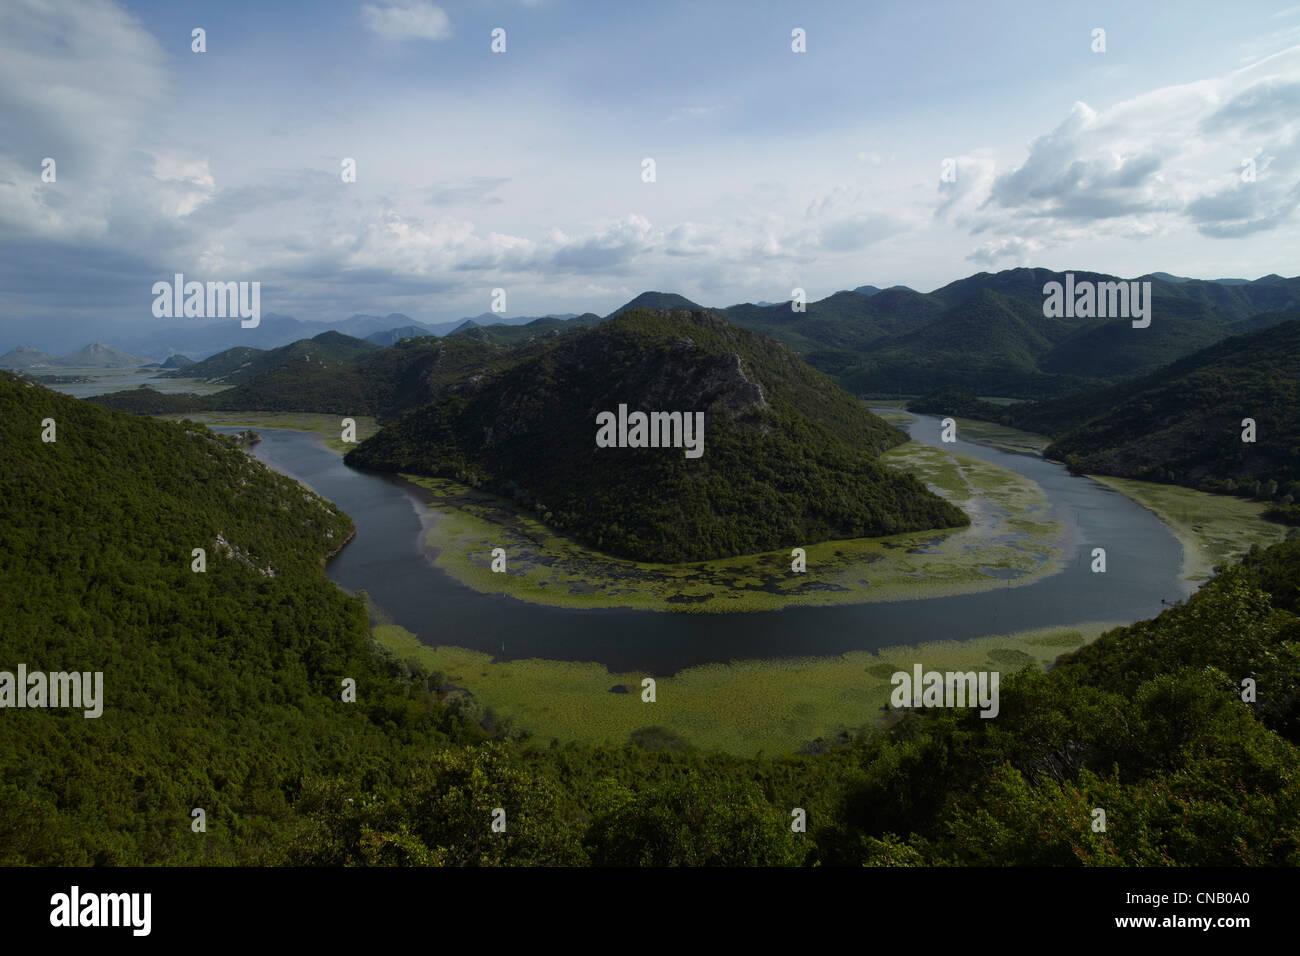 Dans la vallée de la rivière sinueuse Photo Stock